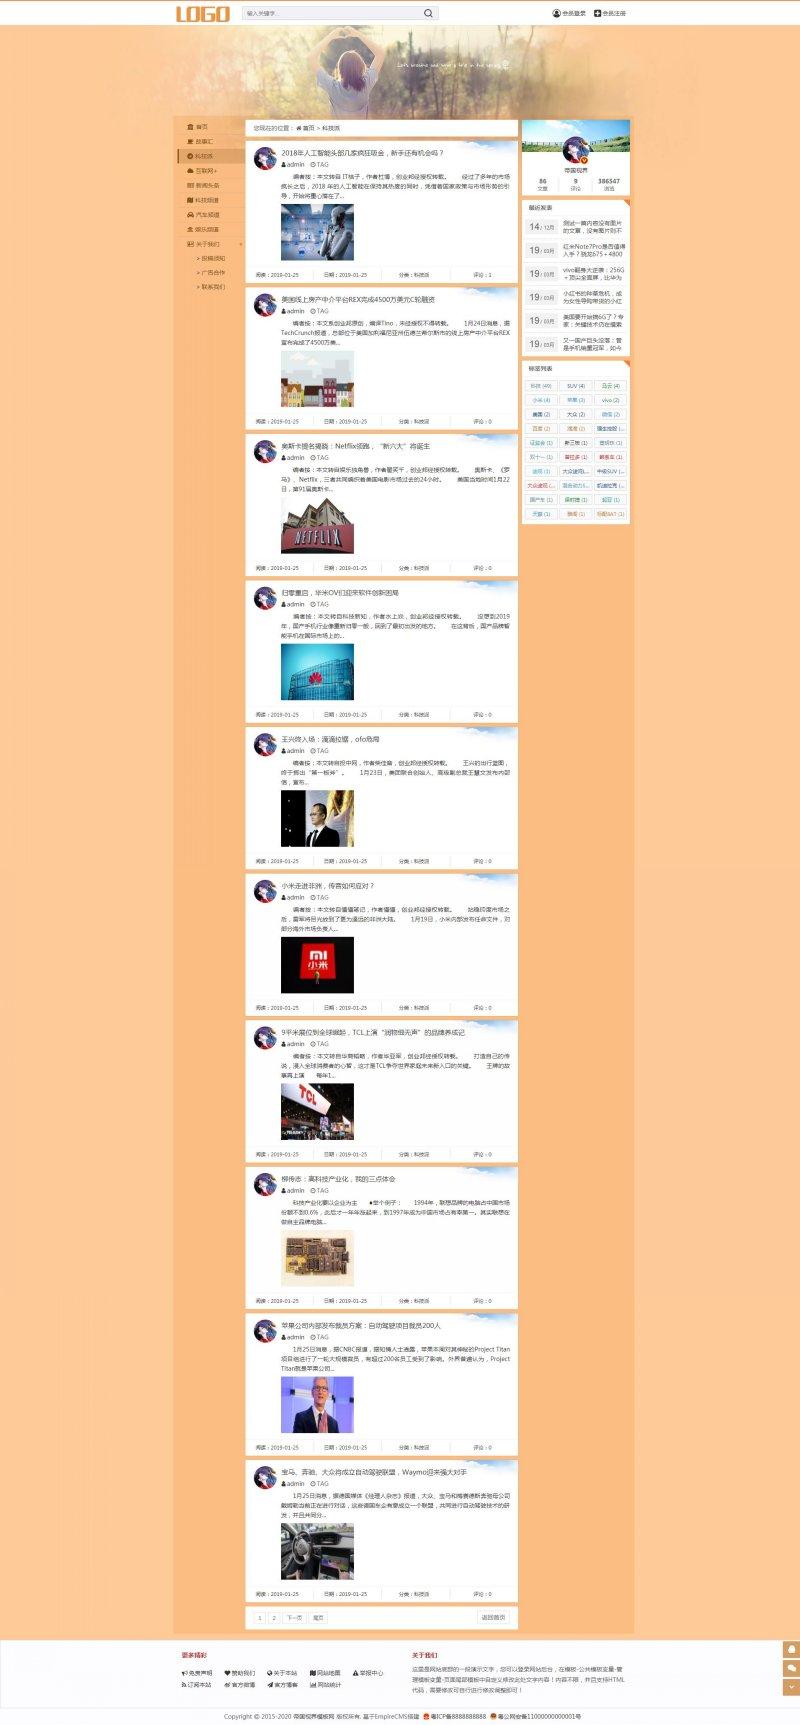 网站栏目.jpg [DG-049]帝国CMS仿微博个人博客自适应资讯博客模板(带会员中心) 博客文章 第2张